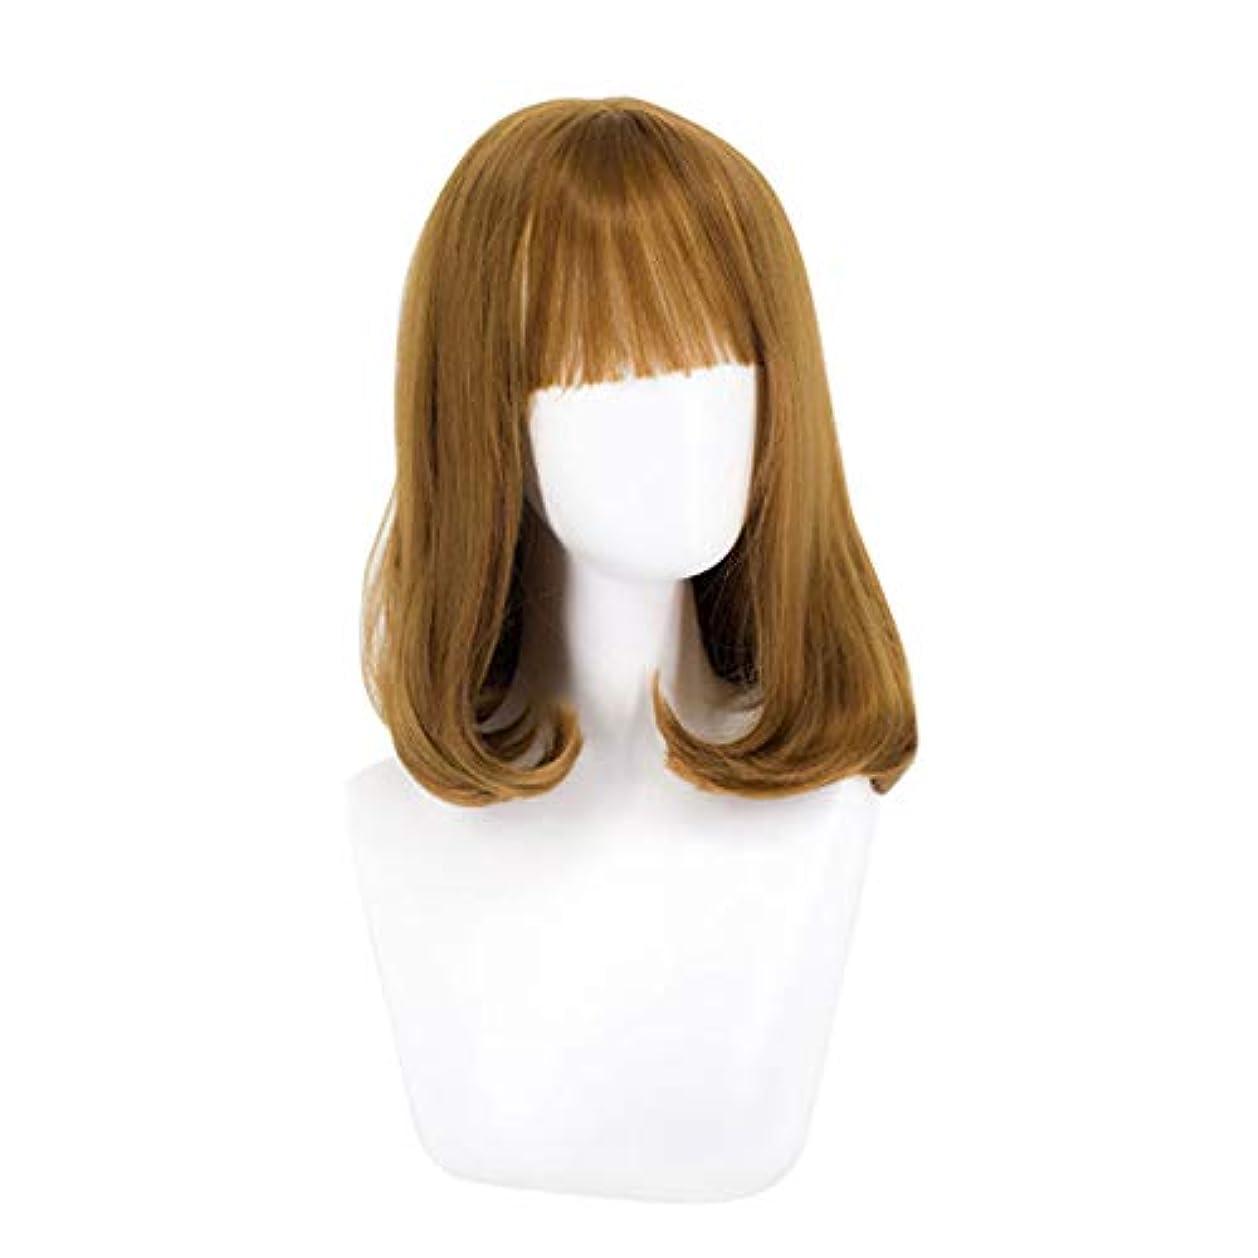 受粉者人生を作る何でもウィッグミディアムロングヘアー女性のためのふわふわウェーブのかかった髪かつら自然に見える耐熱性のある合成ファッションウィッグミディアムロングヘアーカーリーかつら,Yellow